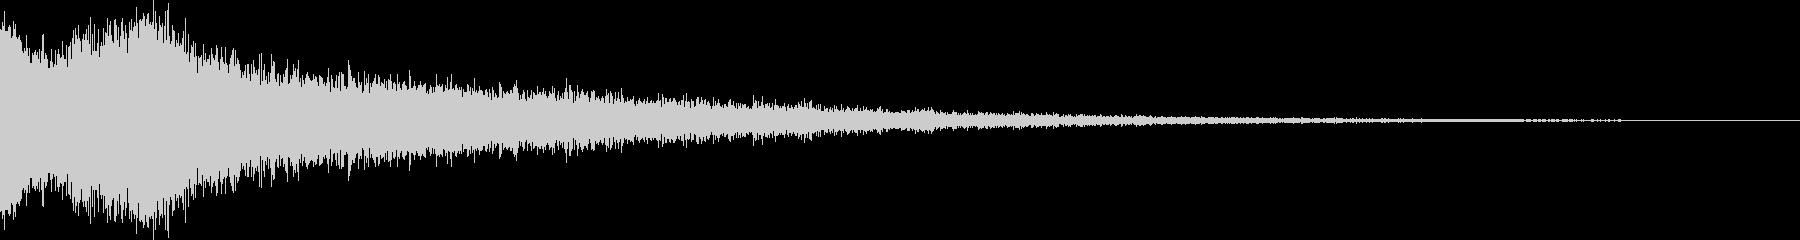 【ホラーゲーム】 シーン 開かれた 02の未再生の波形